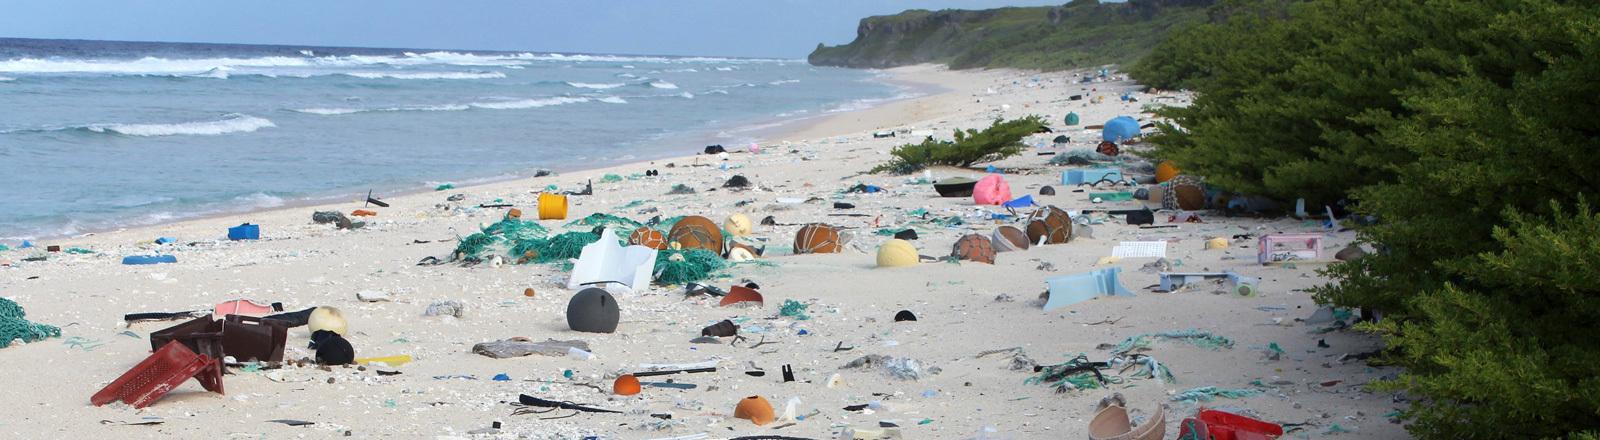 Müll am Strand von Henderson Island